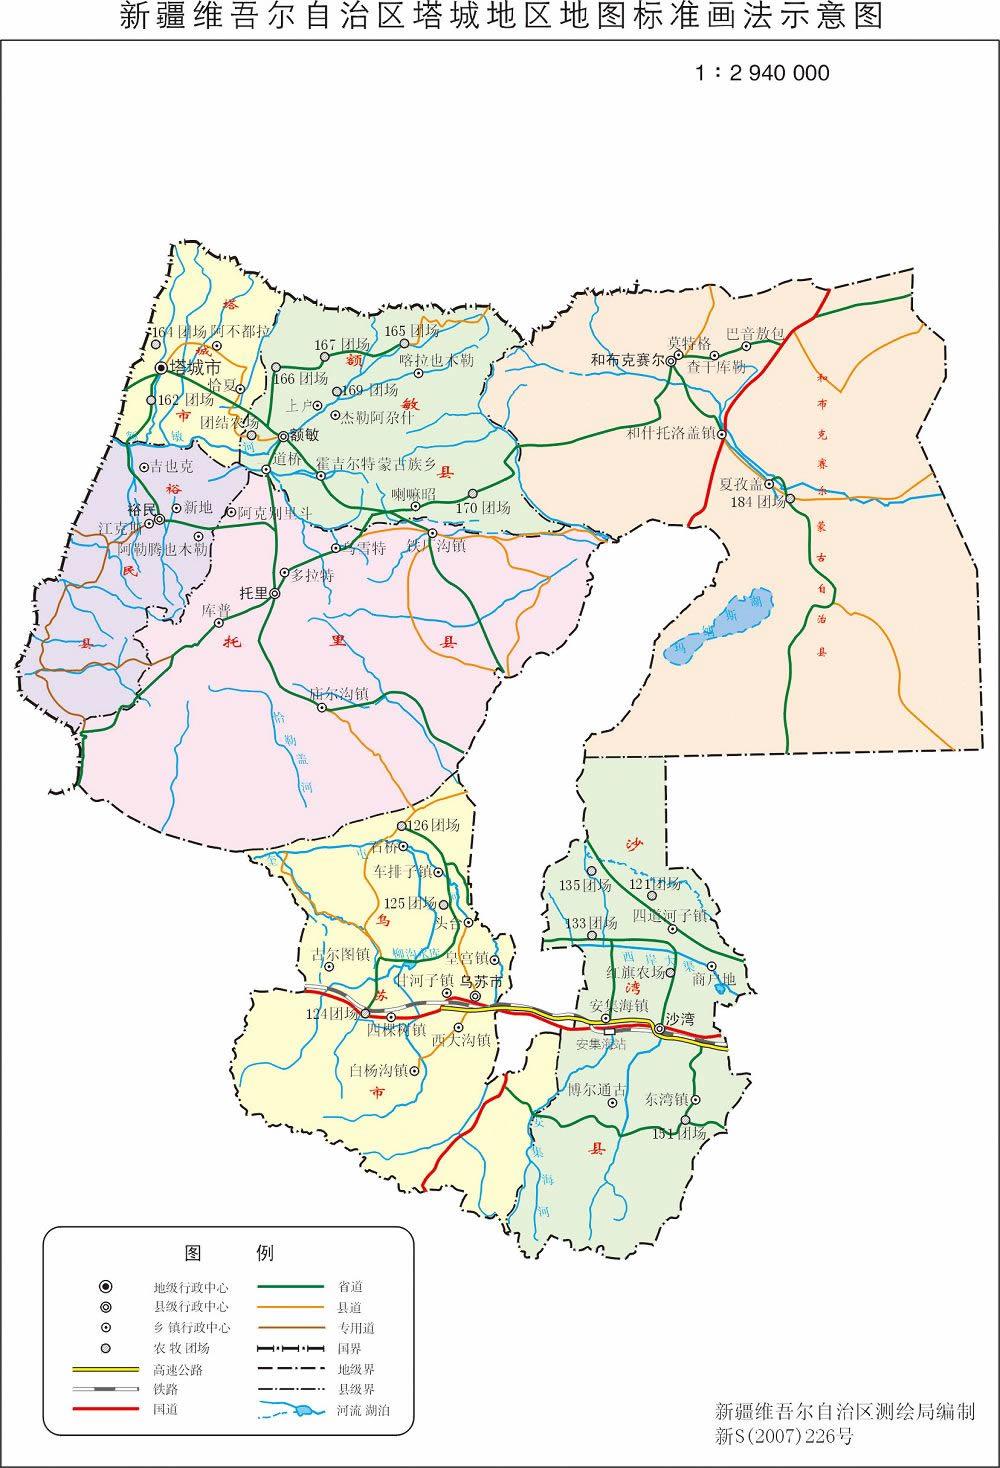 塔城地区行政区划图